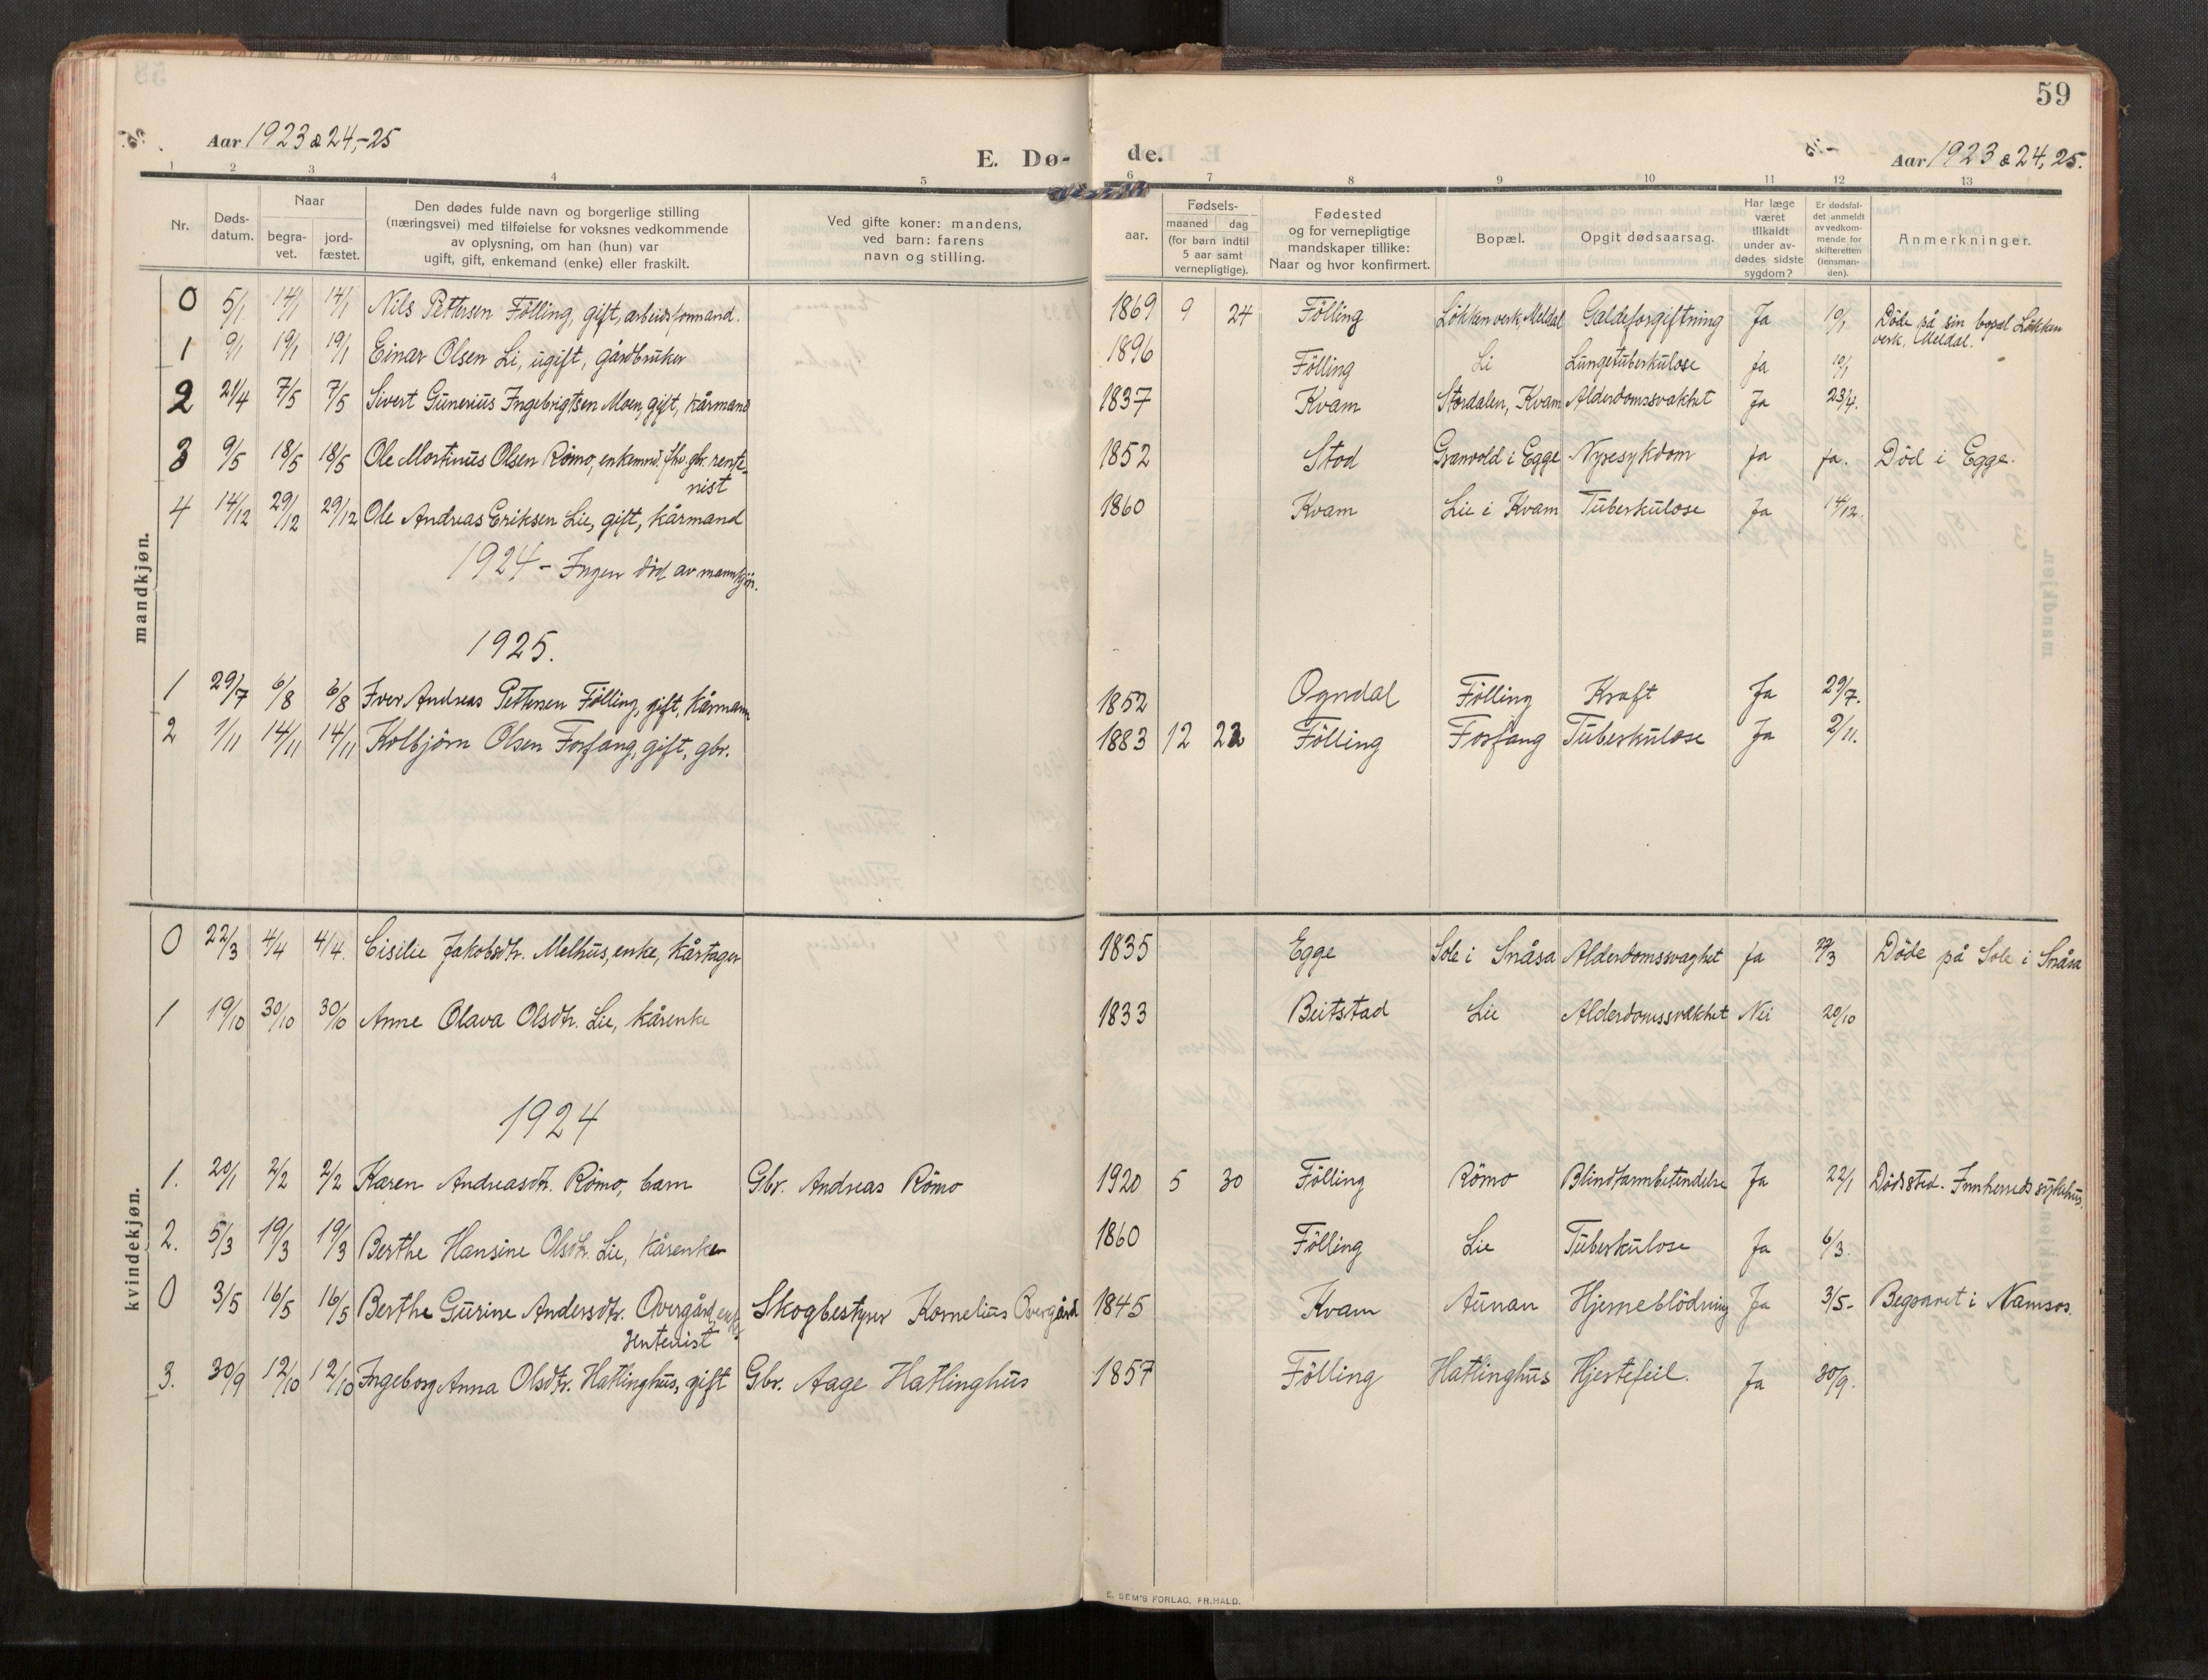 SAT, Stod sokneprestkontor, I/I1/I1a/L0003: Parish register (official) no. 3, 1909-1934, p. 59